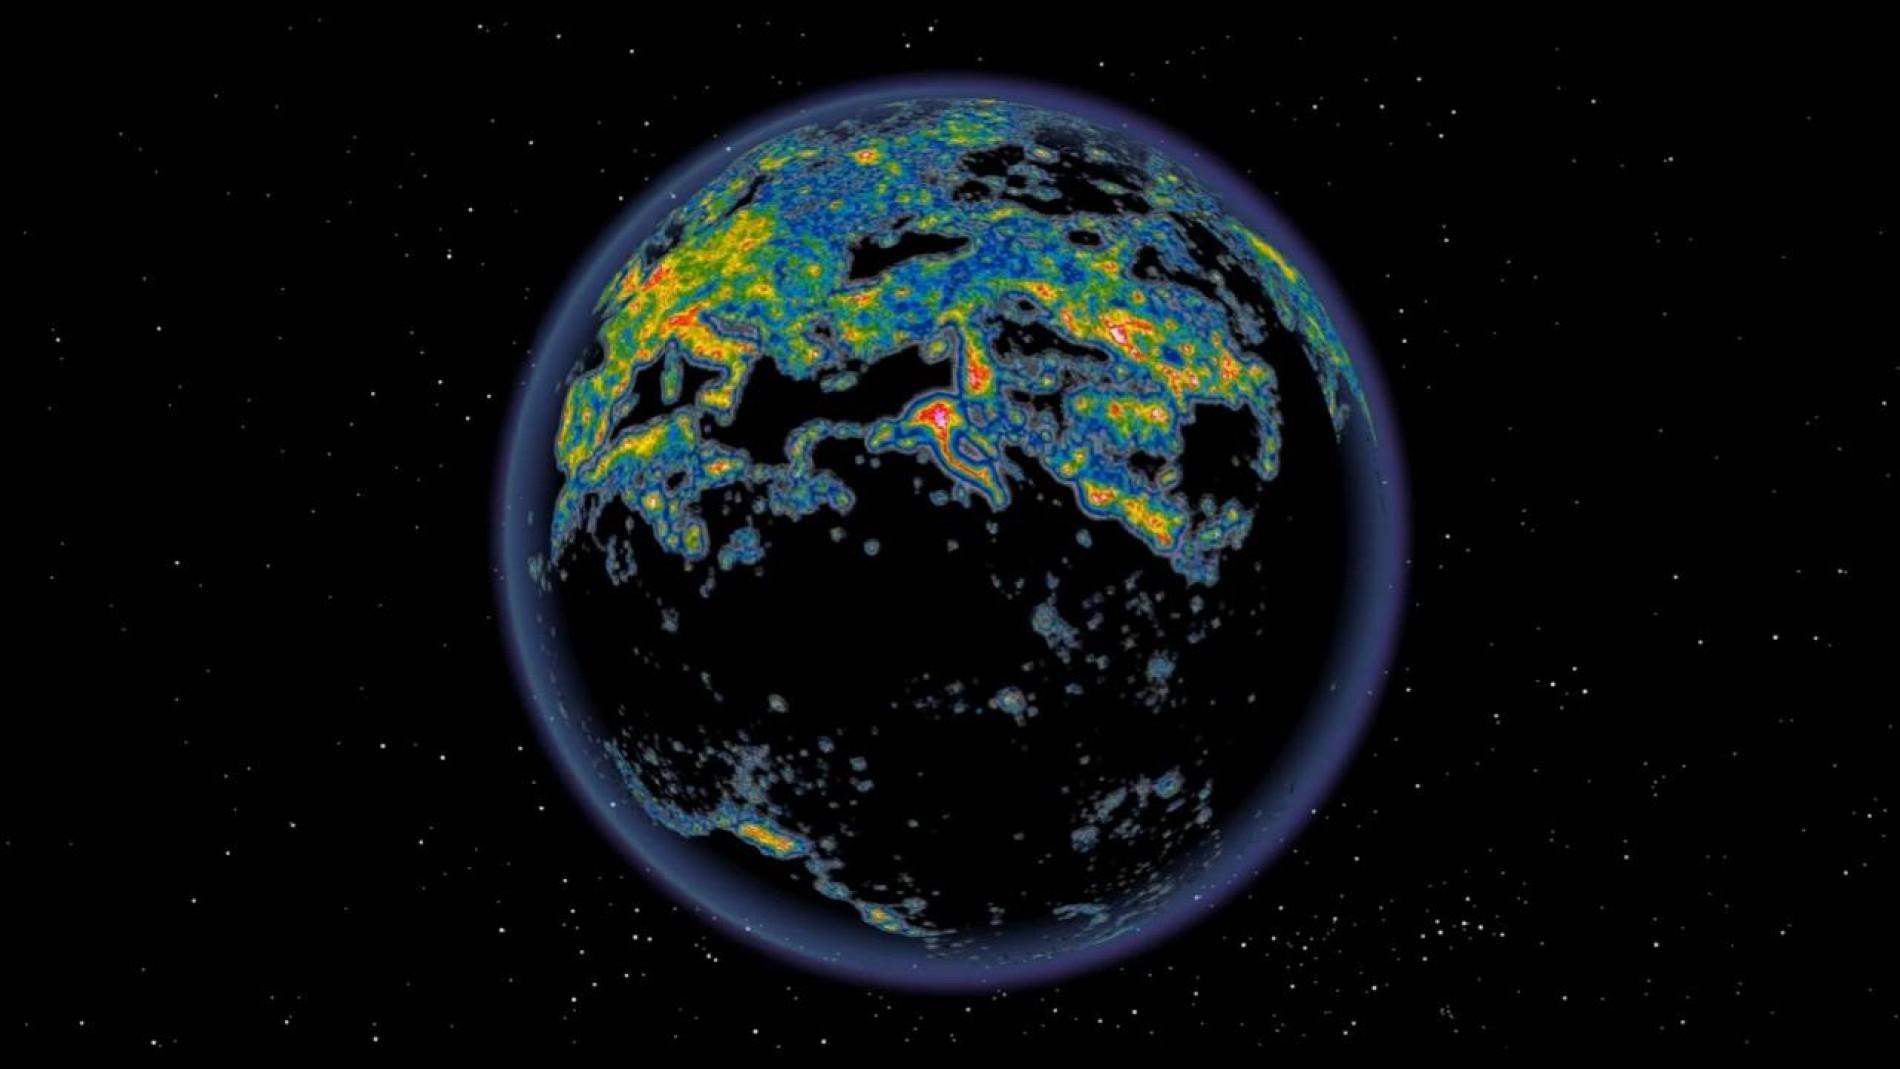 Lichtverschmutzung Karte Welt.Kunstliche Beleuchtung Der Weltatlas Der Lichtverschmutzung